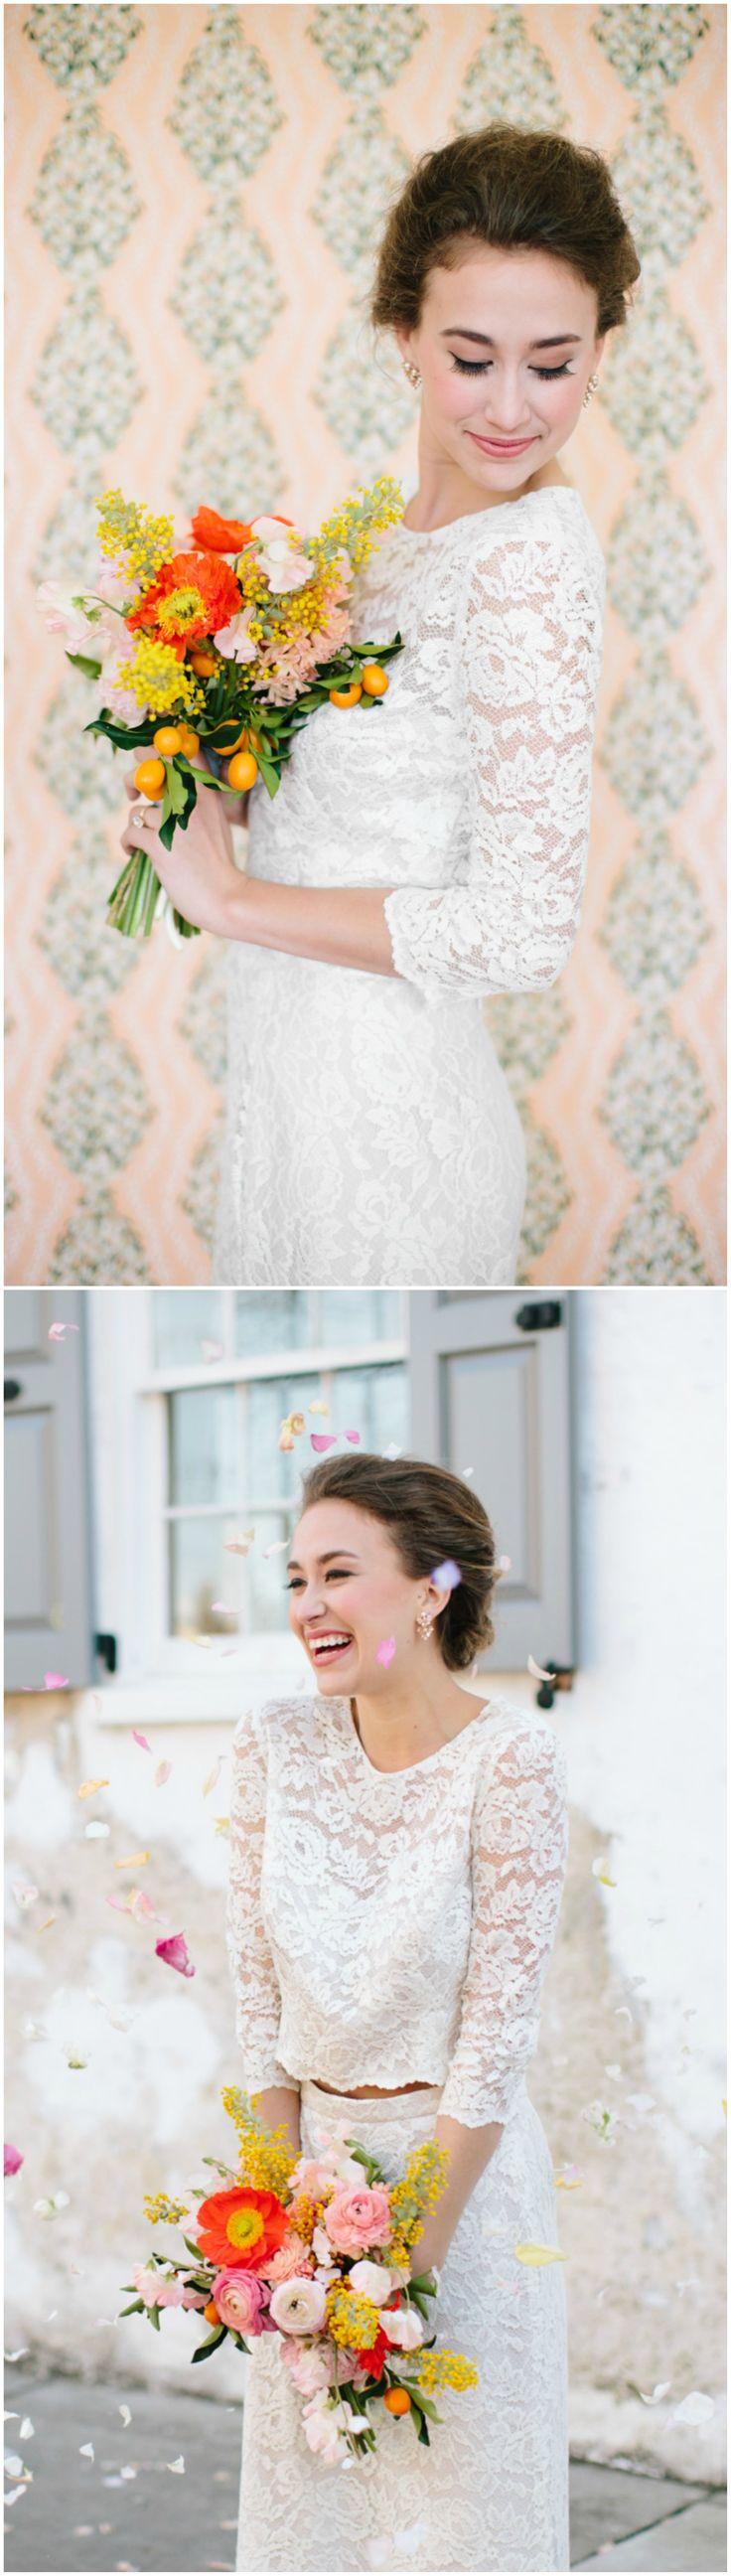 Vintage Wedding Dresses Kcmo : Best images about wedding dresses on